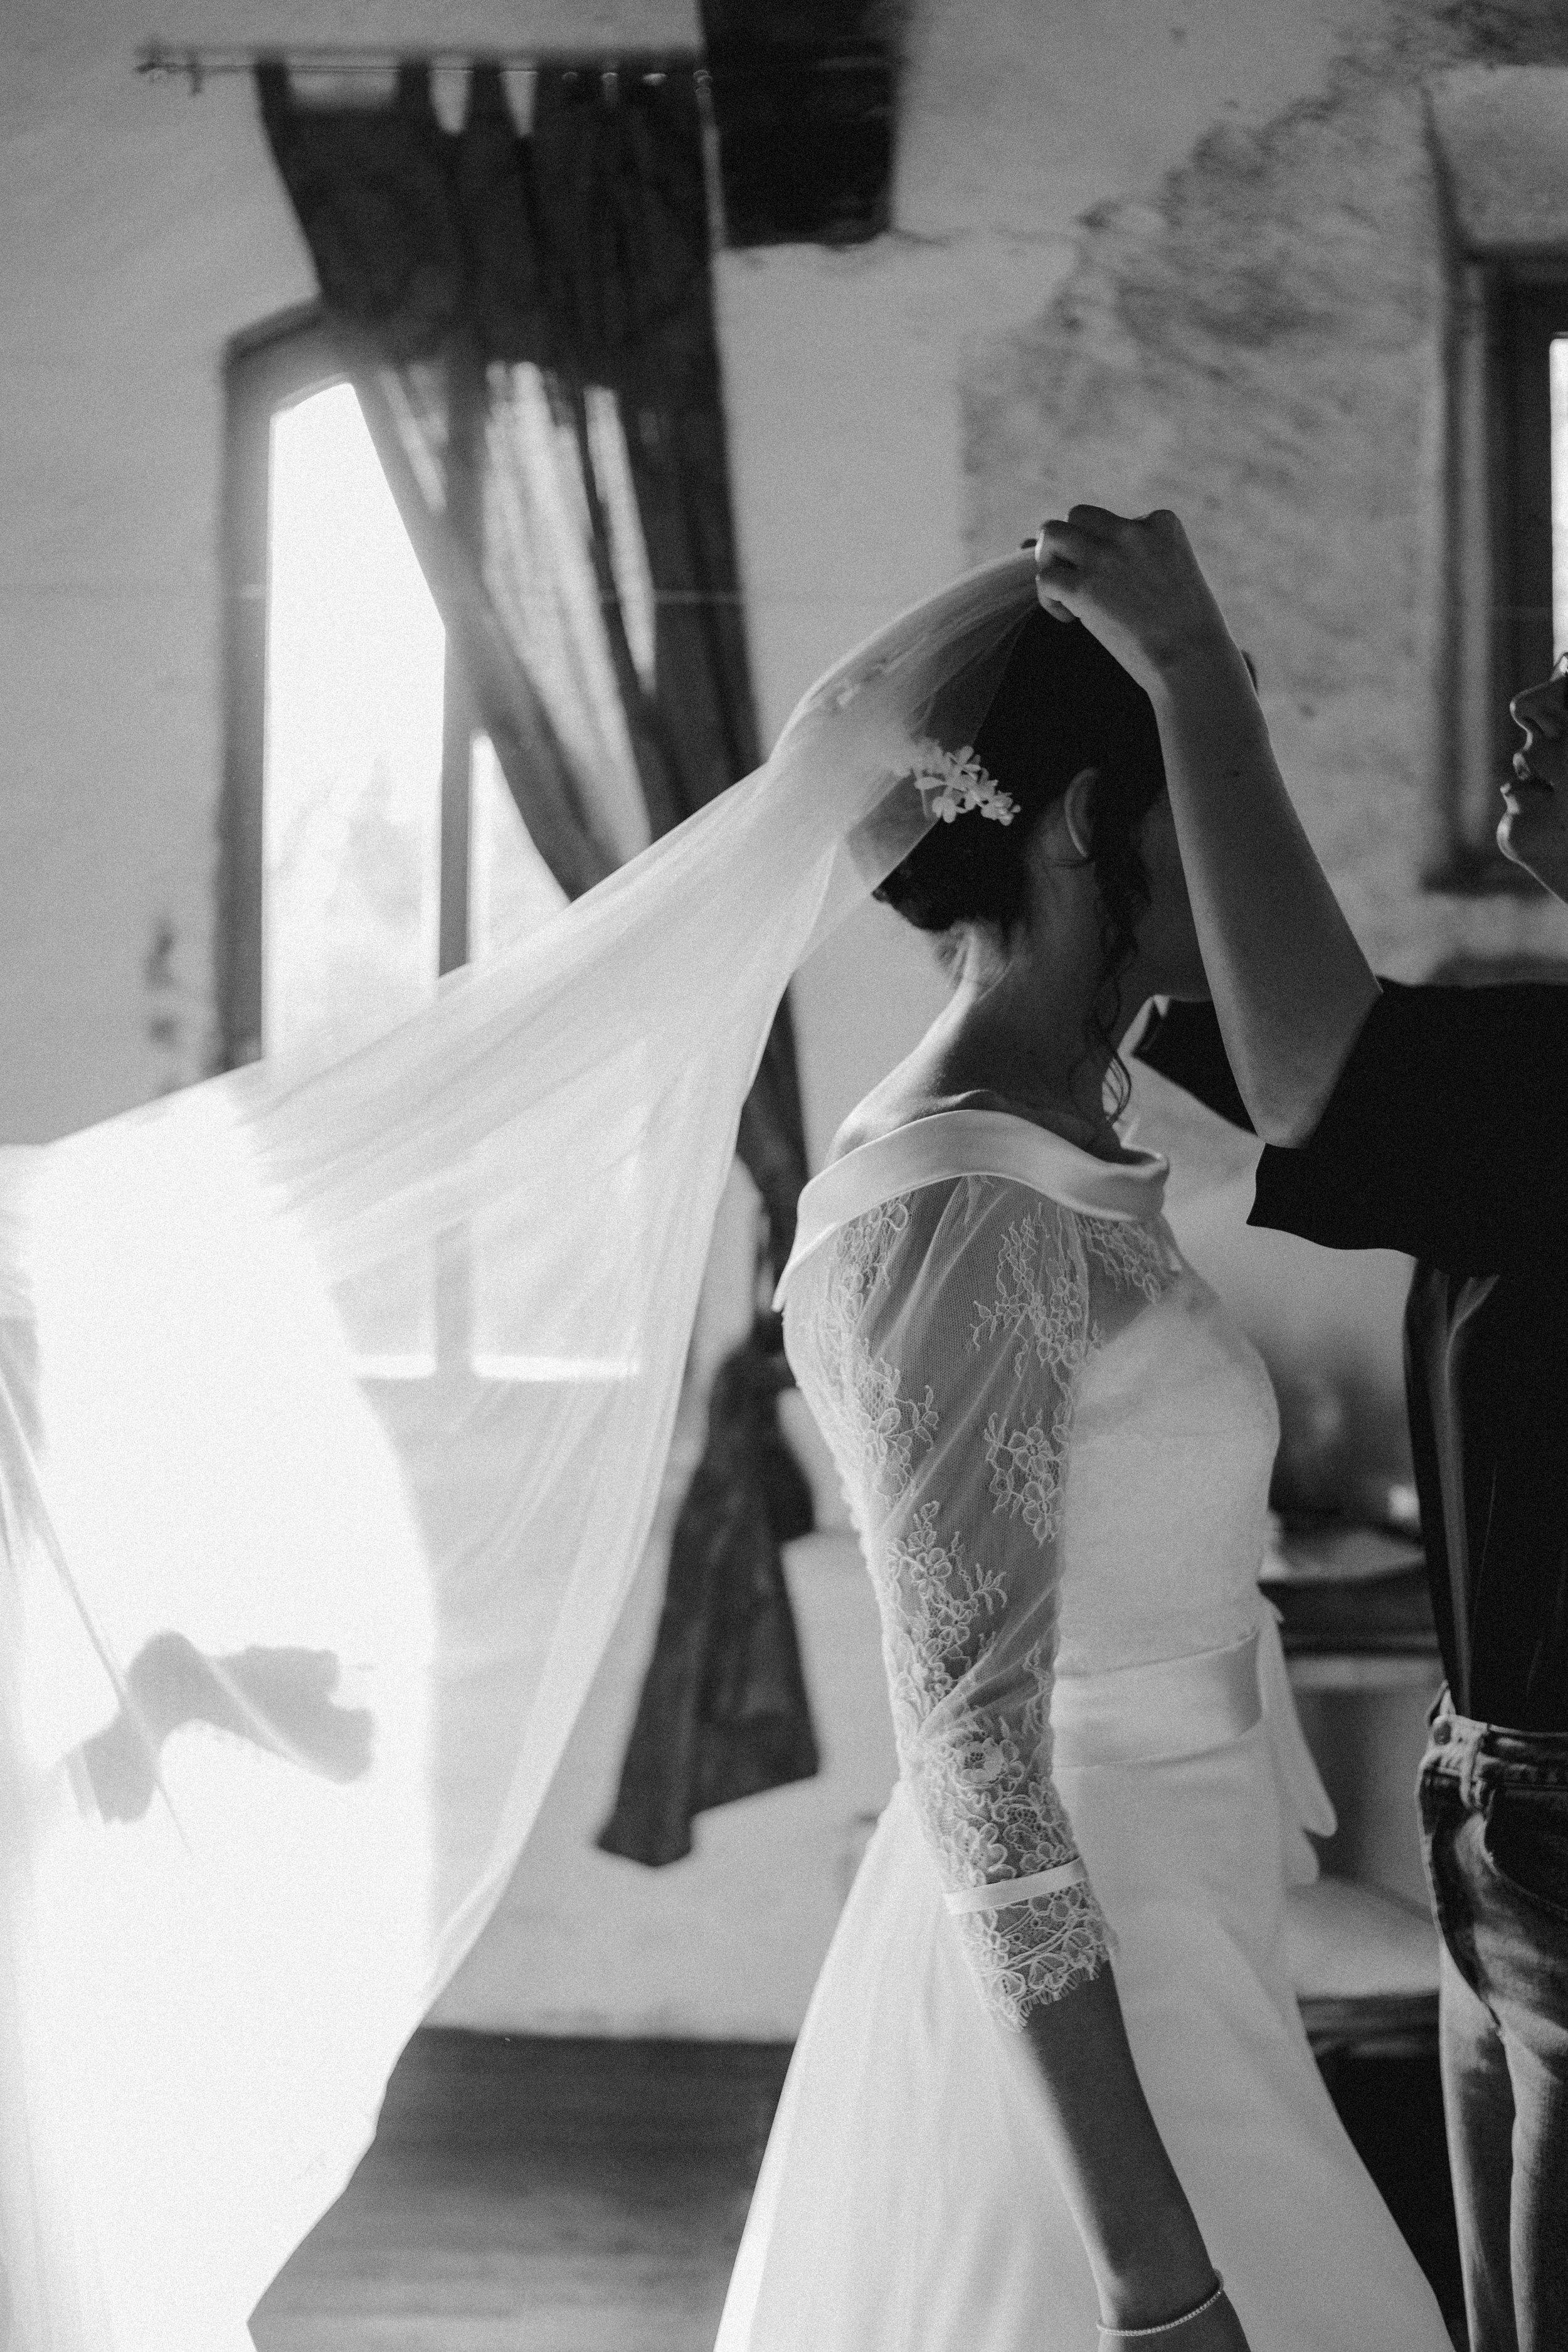 001 - Preparazione sposa-21.JPG